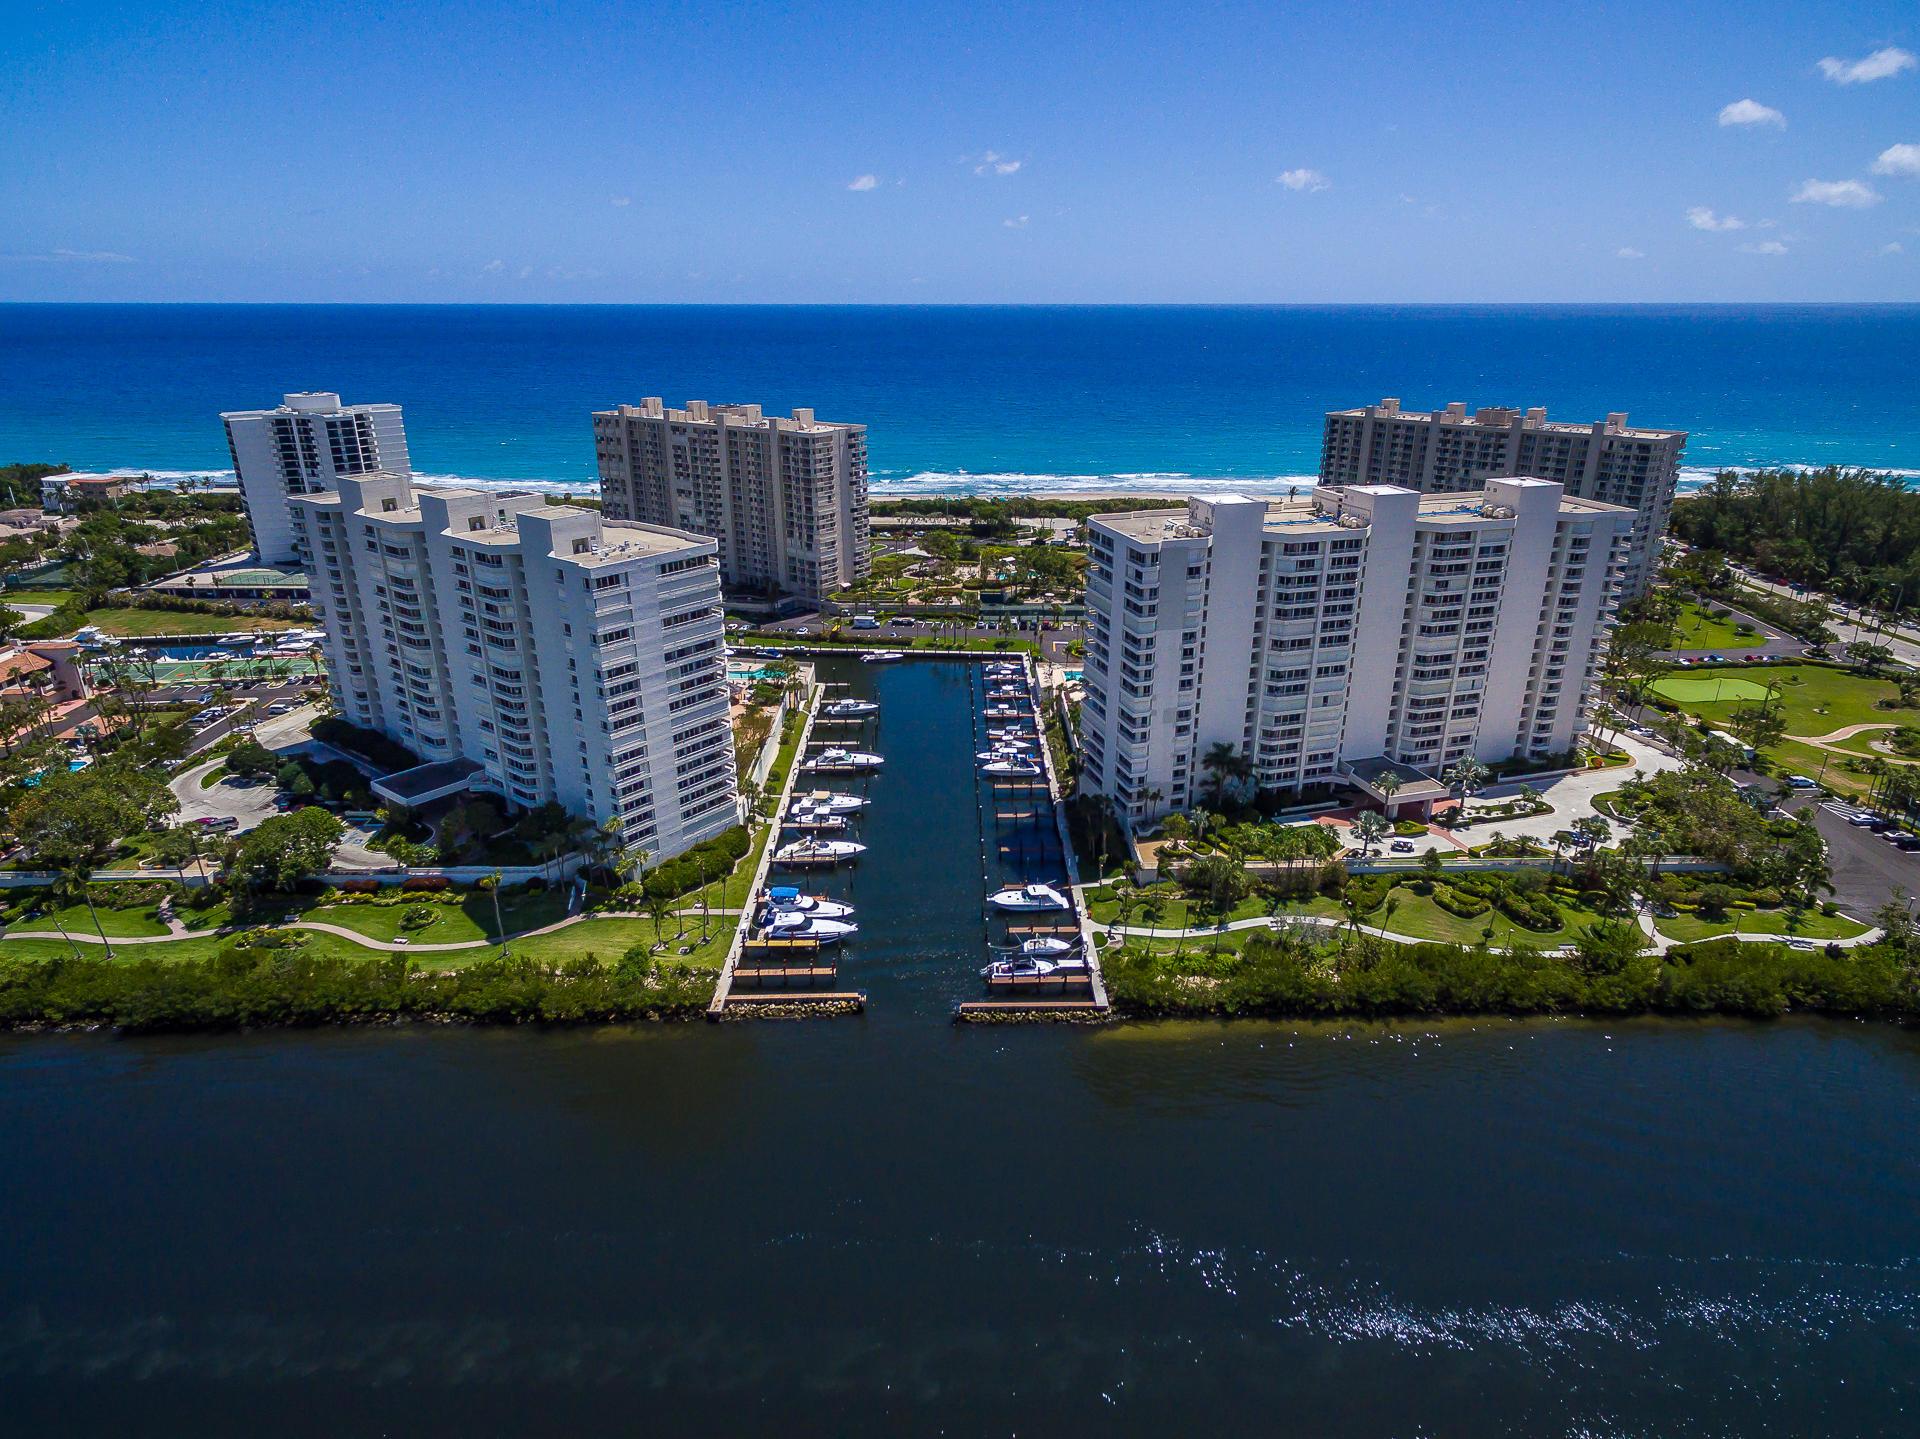 4001 Ocean Boulevard, Boca Raton, Florida 33431, 3 Bedrooms Bedrooms, ,3 BathroomsBathrooms,Condo/Coop,For Sale,SEA RANCH,Ocean,8,RX-10422980